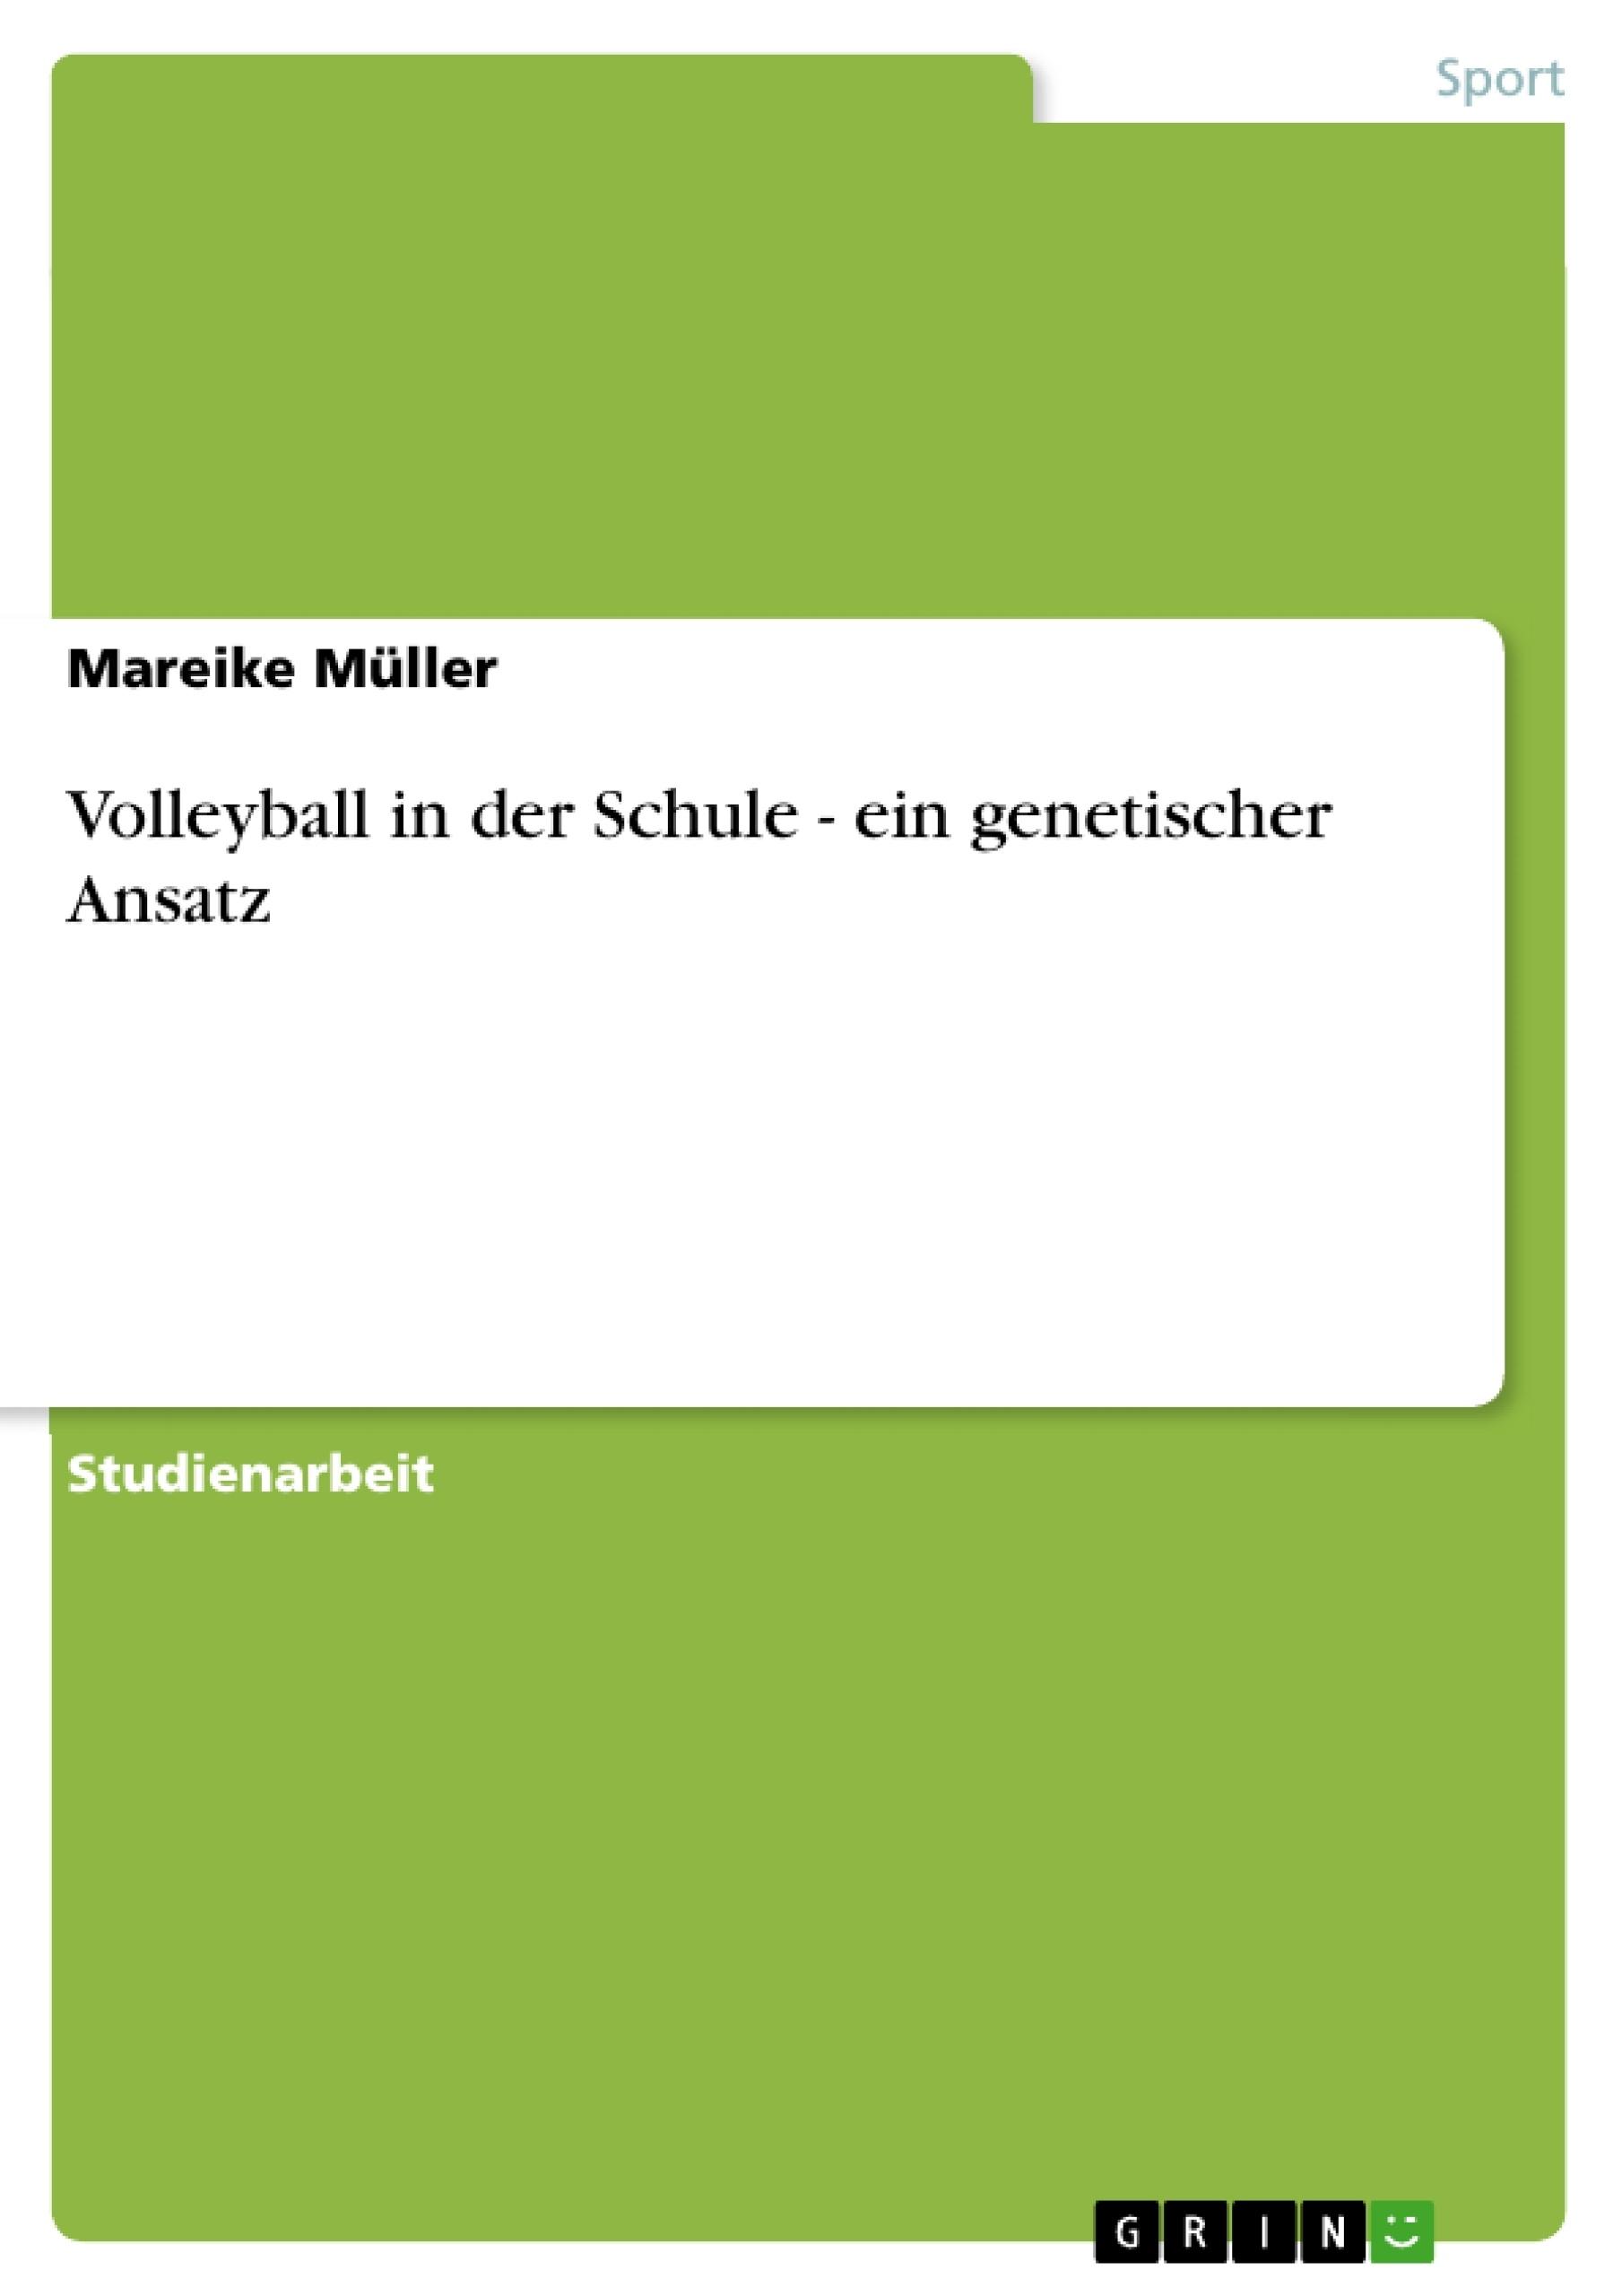 Titel: Volleyball in der Schule - ein genetischer Ansatz